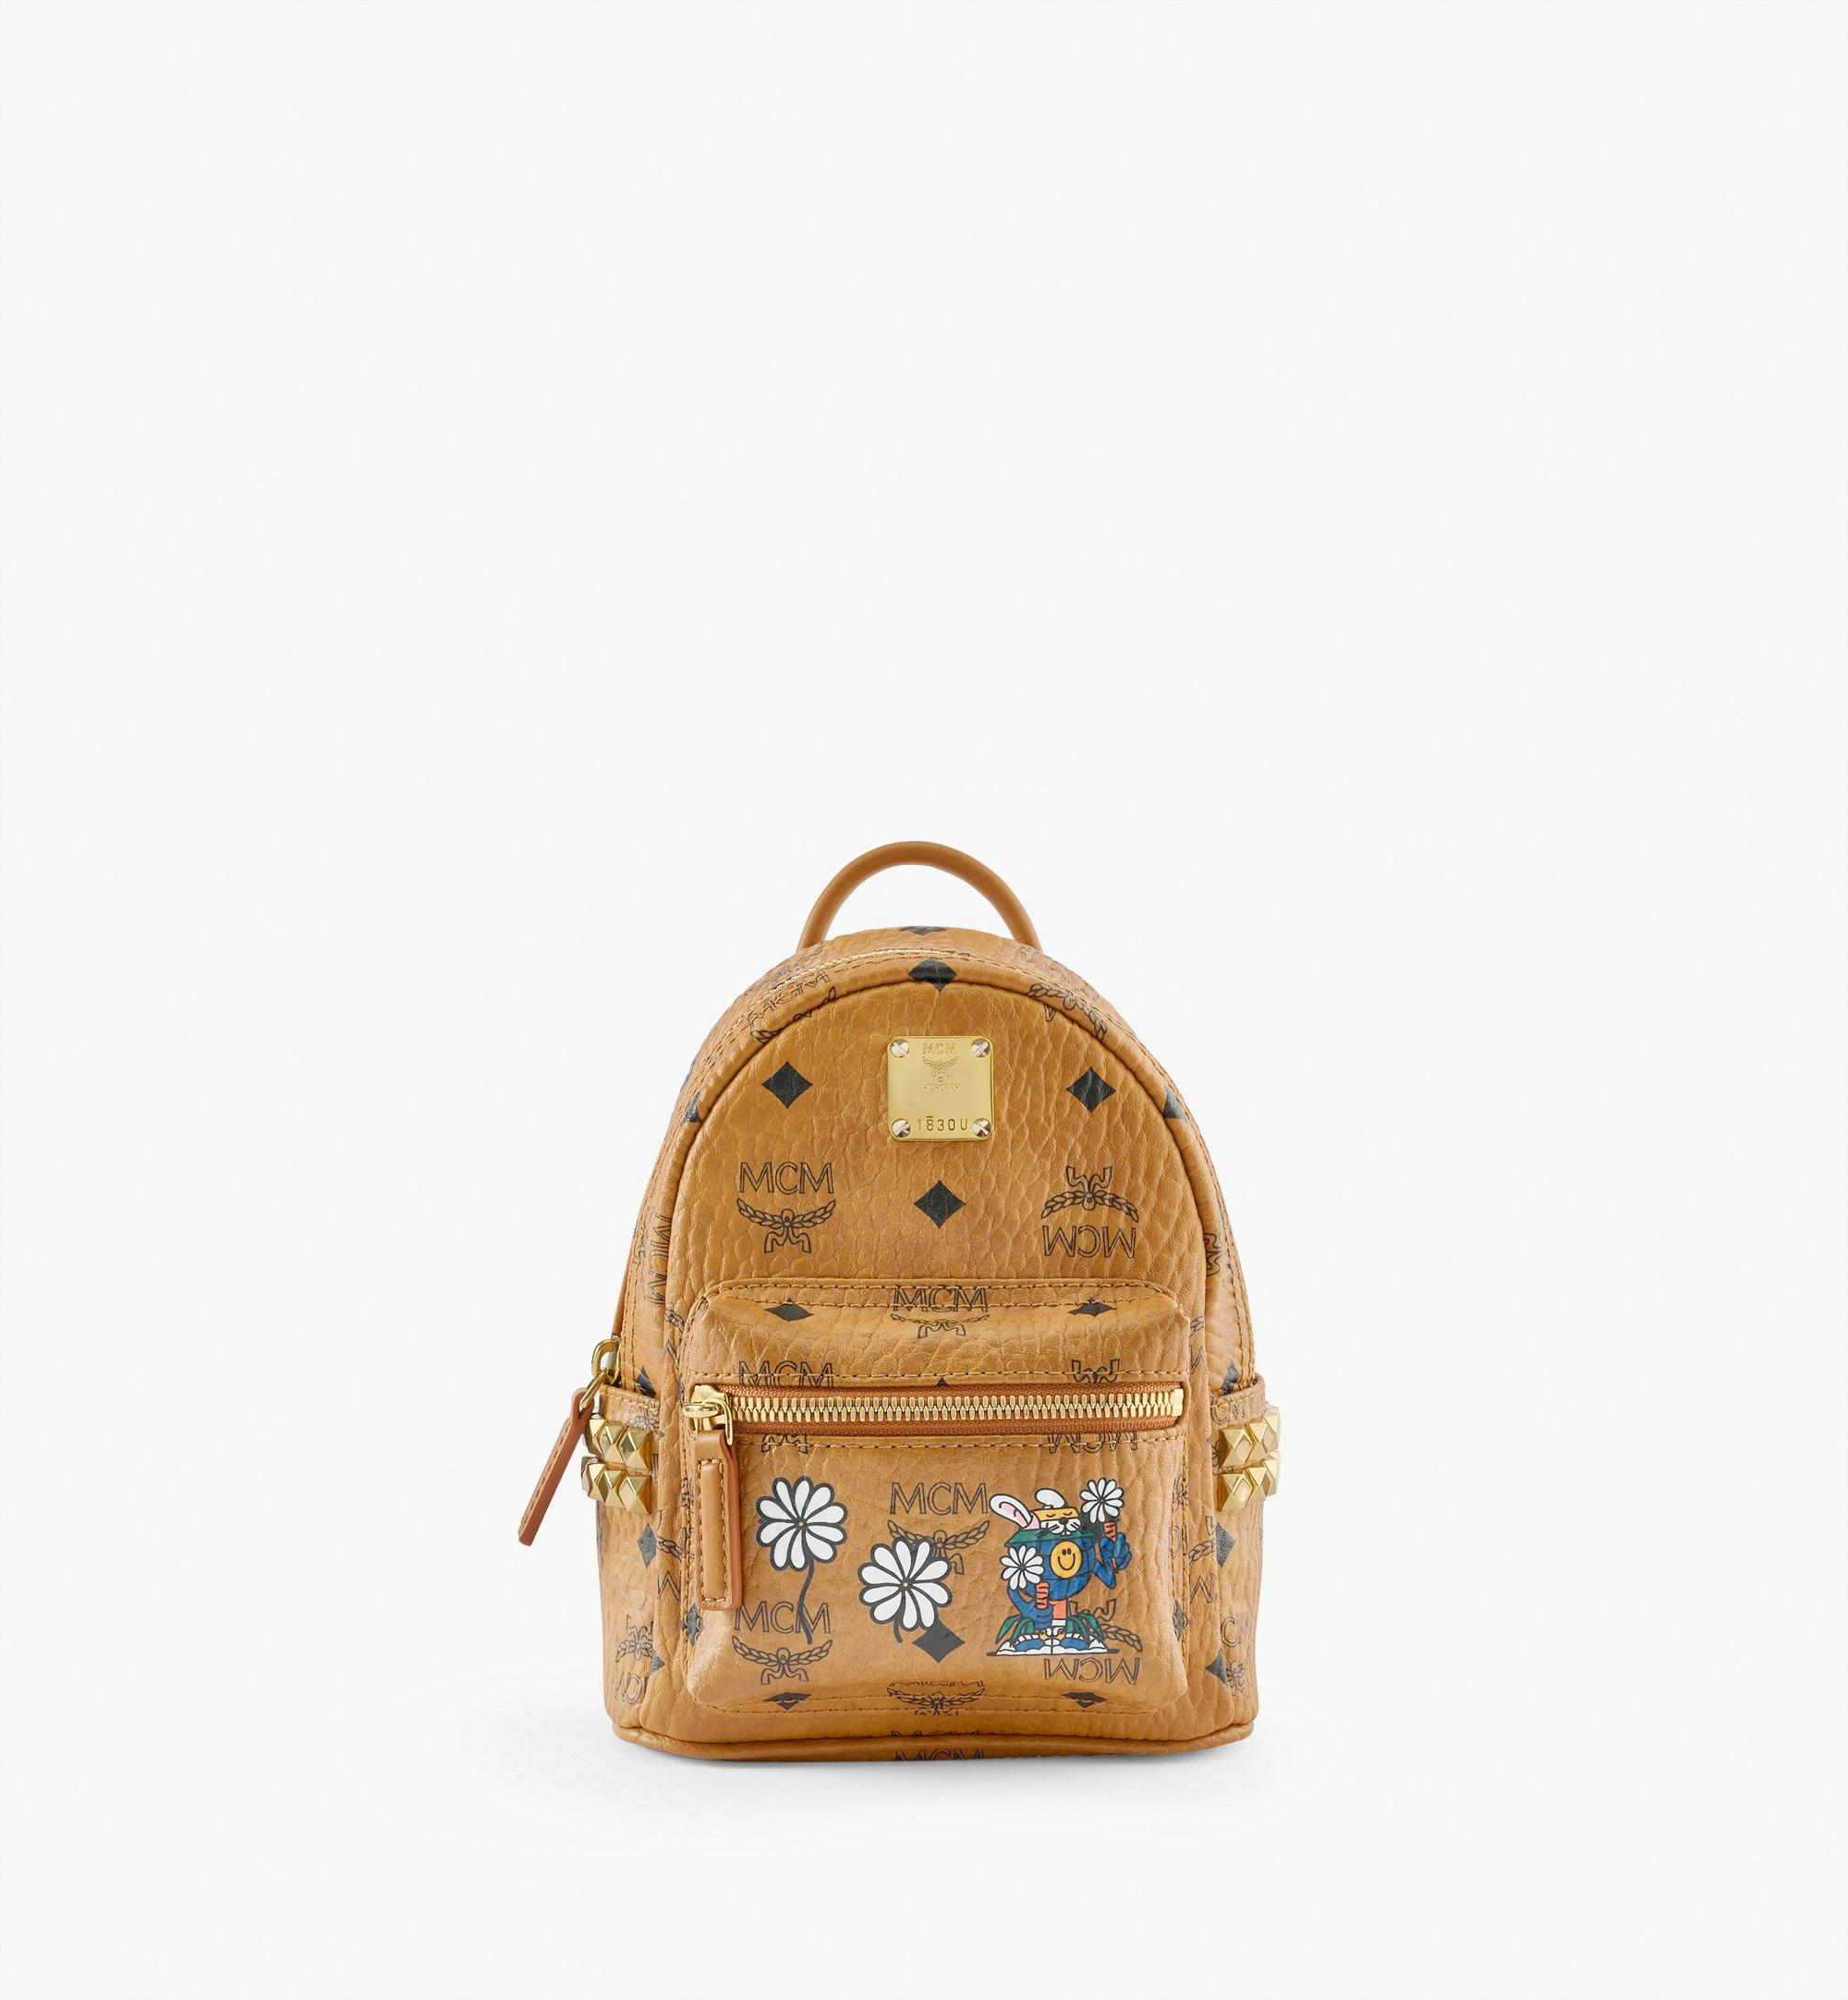 MCM MCM x Aka Boku Stark Bebe Boo Backpack in Visetos Cognac MMKBAUP01CO001 Alternate View 1